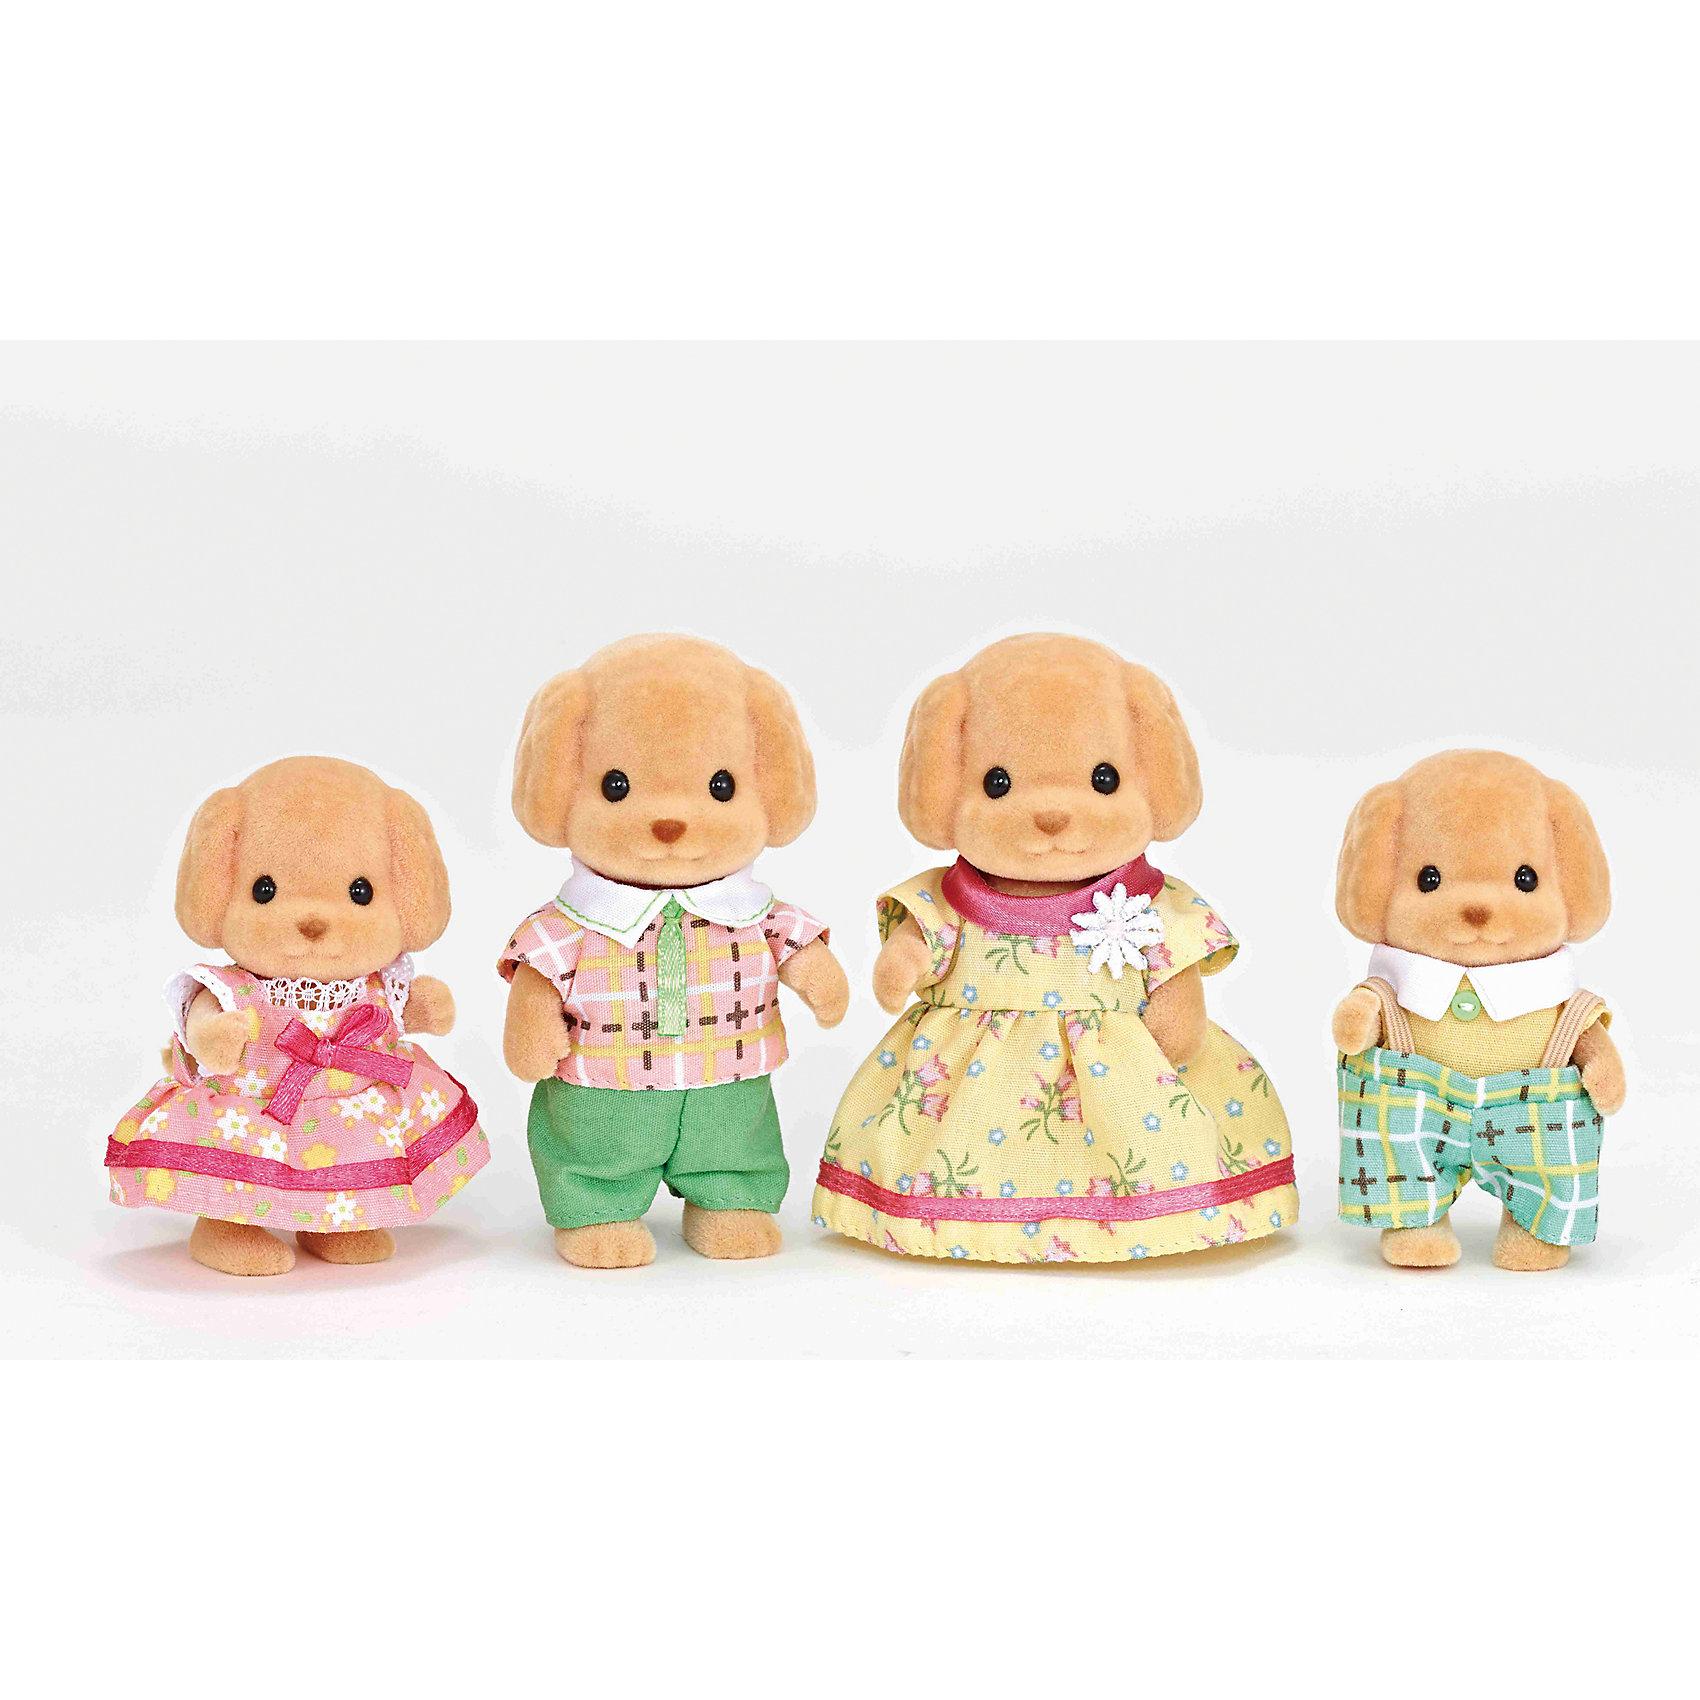 Набор Семья Той Пуделей, Sylvanian FamiliesSylvanian Families<br>Характеристики:<br><br>• Материал: ПВХ с полимерным напылением, текстиль <br>• Комплектация: семейство той пуделей – папа, мама и два щенка<br>• Размер фигурки: родители ?8 см, дети ?6,5 см<br>• Голова и лапы – подвижные<br>• Особенности ухода: фигурки собачек можно купать, одежда – ручная стирка<br>• Размер упаковки (Д*Ш*В): 20*5,5*15,5 см<br>• Вес: 200 г<br>• Упаковка: картонная коробка с блистером<br><br>Фигурки выполнены из экологически безопасного материала, сверху покрыты напылением, придающим животным бархатистую поверхность. Фигурки можно купать, одежду – стирать. У персонажей подвижные головы и лапки, что делает их особенно правдоподобными и удобными в играх. Набор Семья Той Пуделе, Sylvanian Families включает в себя 4-х персонажей: папа, мама, сын и дочка. Семья выполнена в образе милейших той пуделей.<br><br>Набор Семья Той Пуделей, Sylvanian Families можно купить в нашем интернет-магазине.<br><br>Ширина мм: 207<br>Глубина мм: 172<br>Высота мм: 60<br>Вес г: 155<br>Возраст от месяцев: 48<br>Возраст до месяцев: 96<br>Пол: Женский<br>Возраст: Детский<br>SKU: 5467534